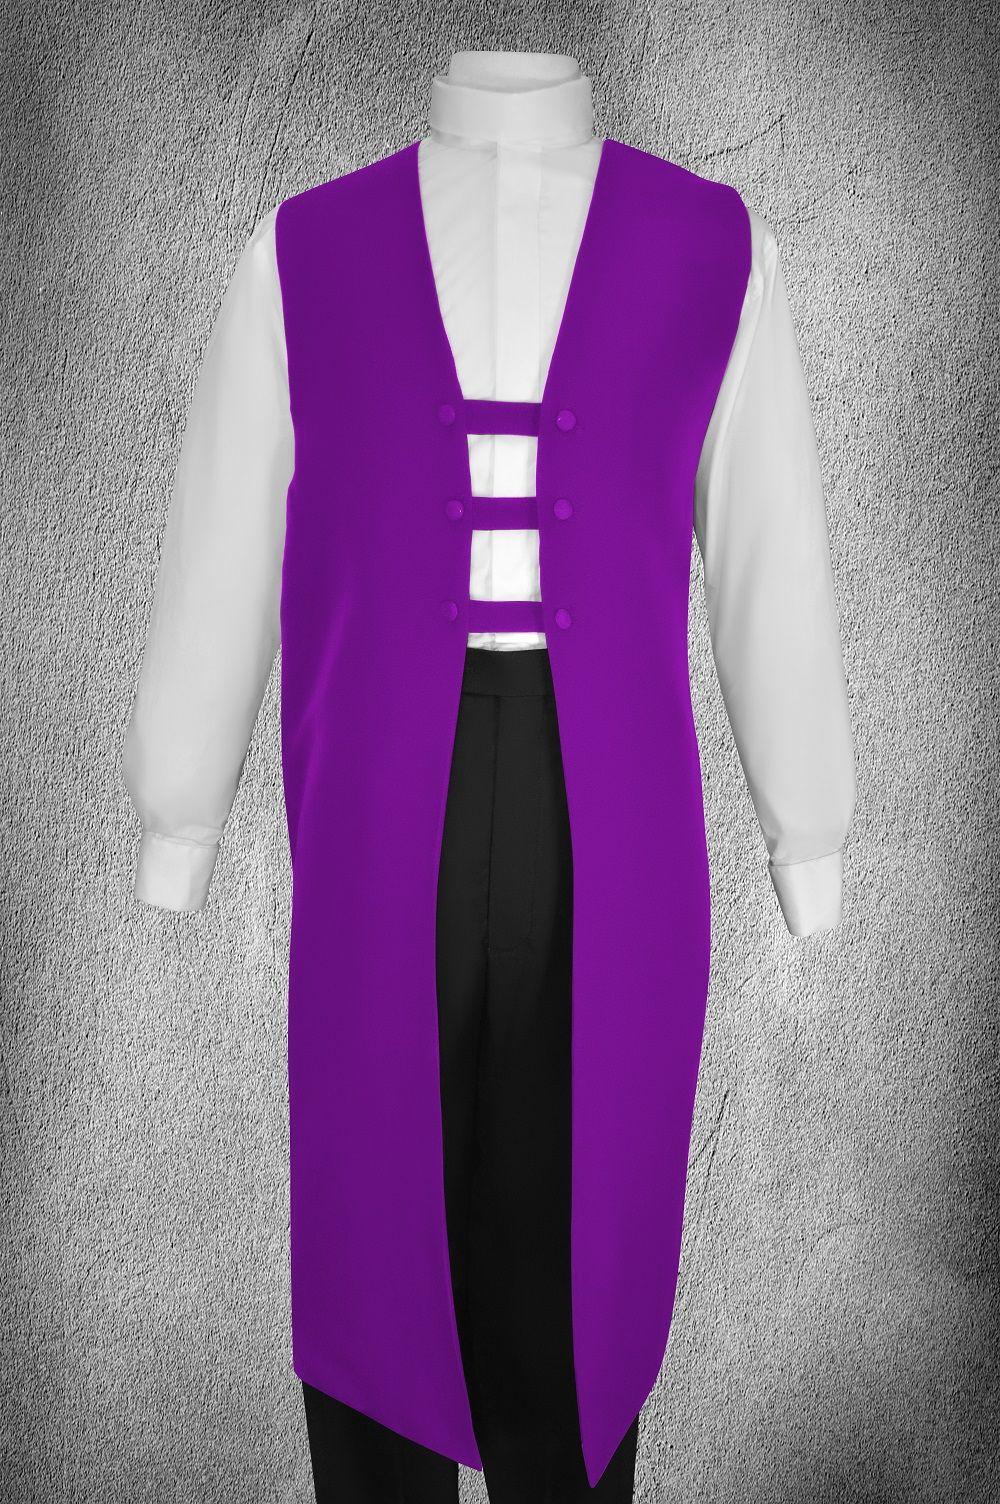 Ministerial Full Collar Vesture Set Purple/White